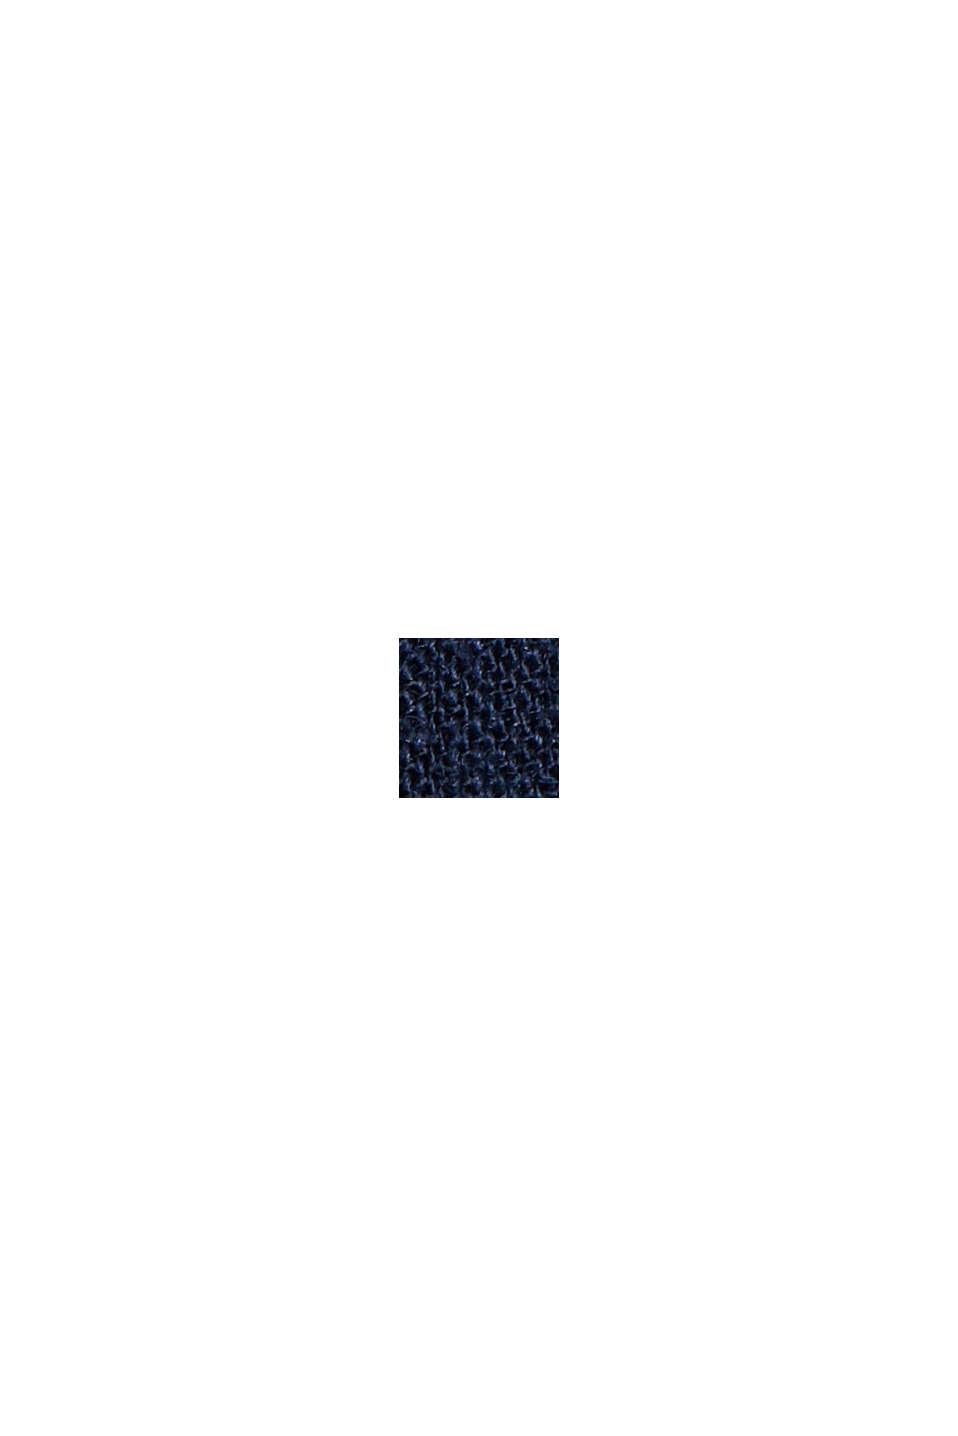 Hørblanding: shorts med bindebælte, NAVY, swatch